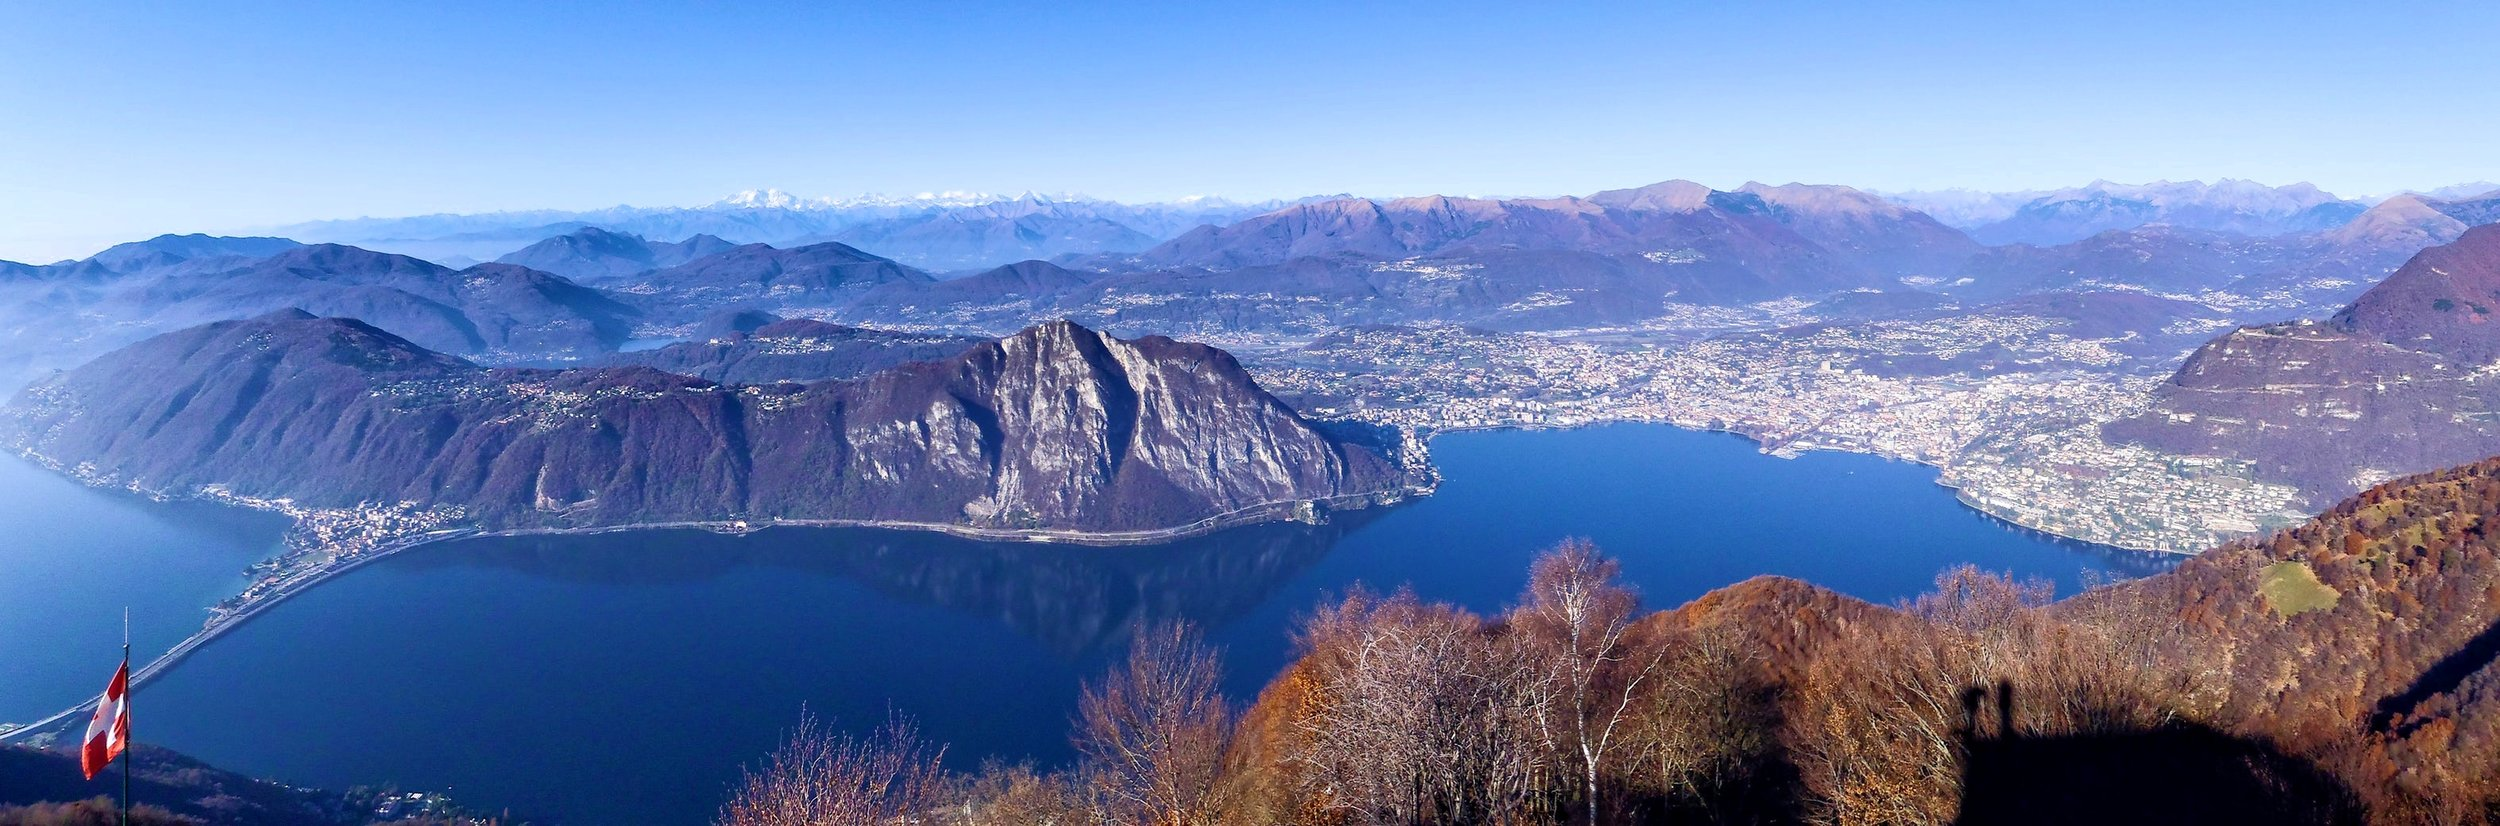 Image via Itinari.com